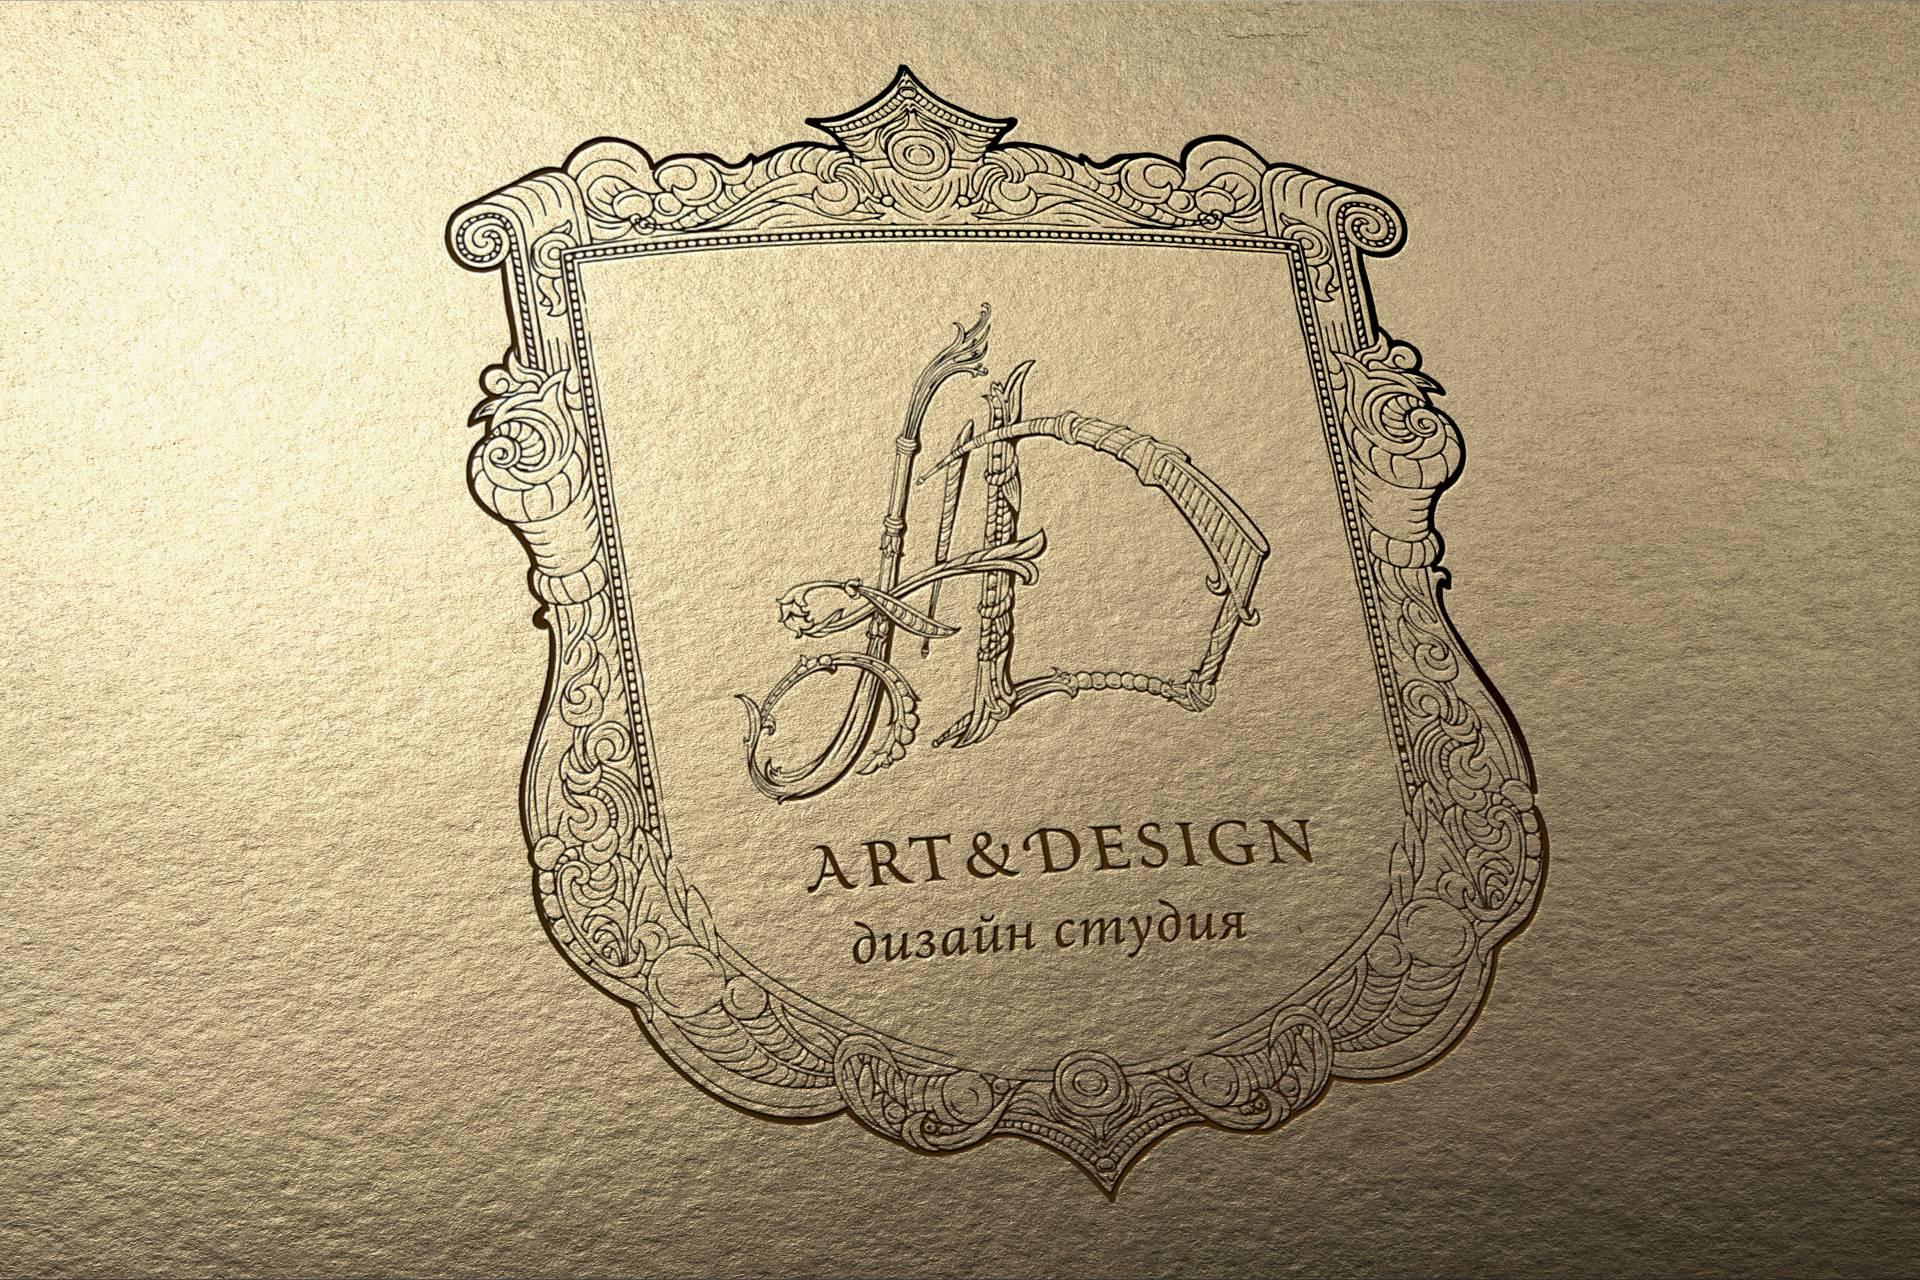 Дизайн логотипа студии архитектурного дизайна, Architecture design studio logo design